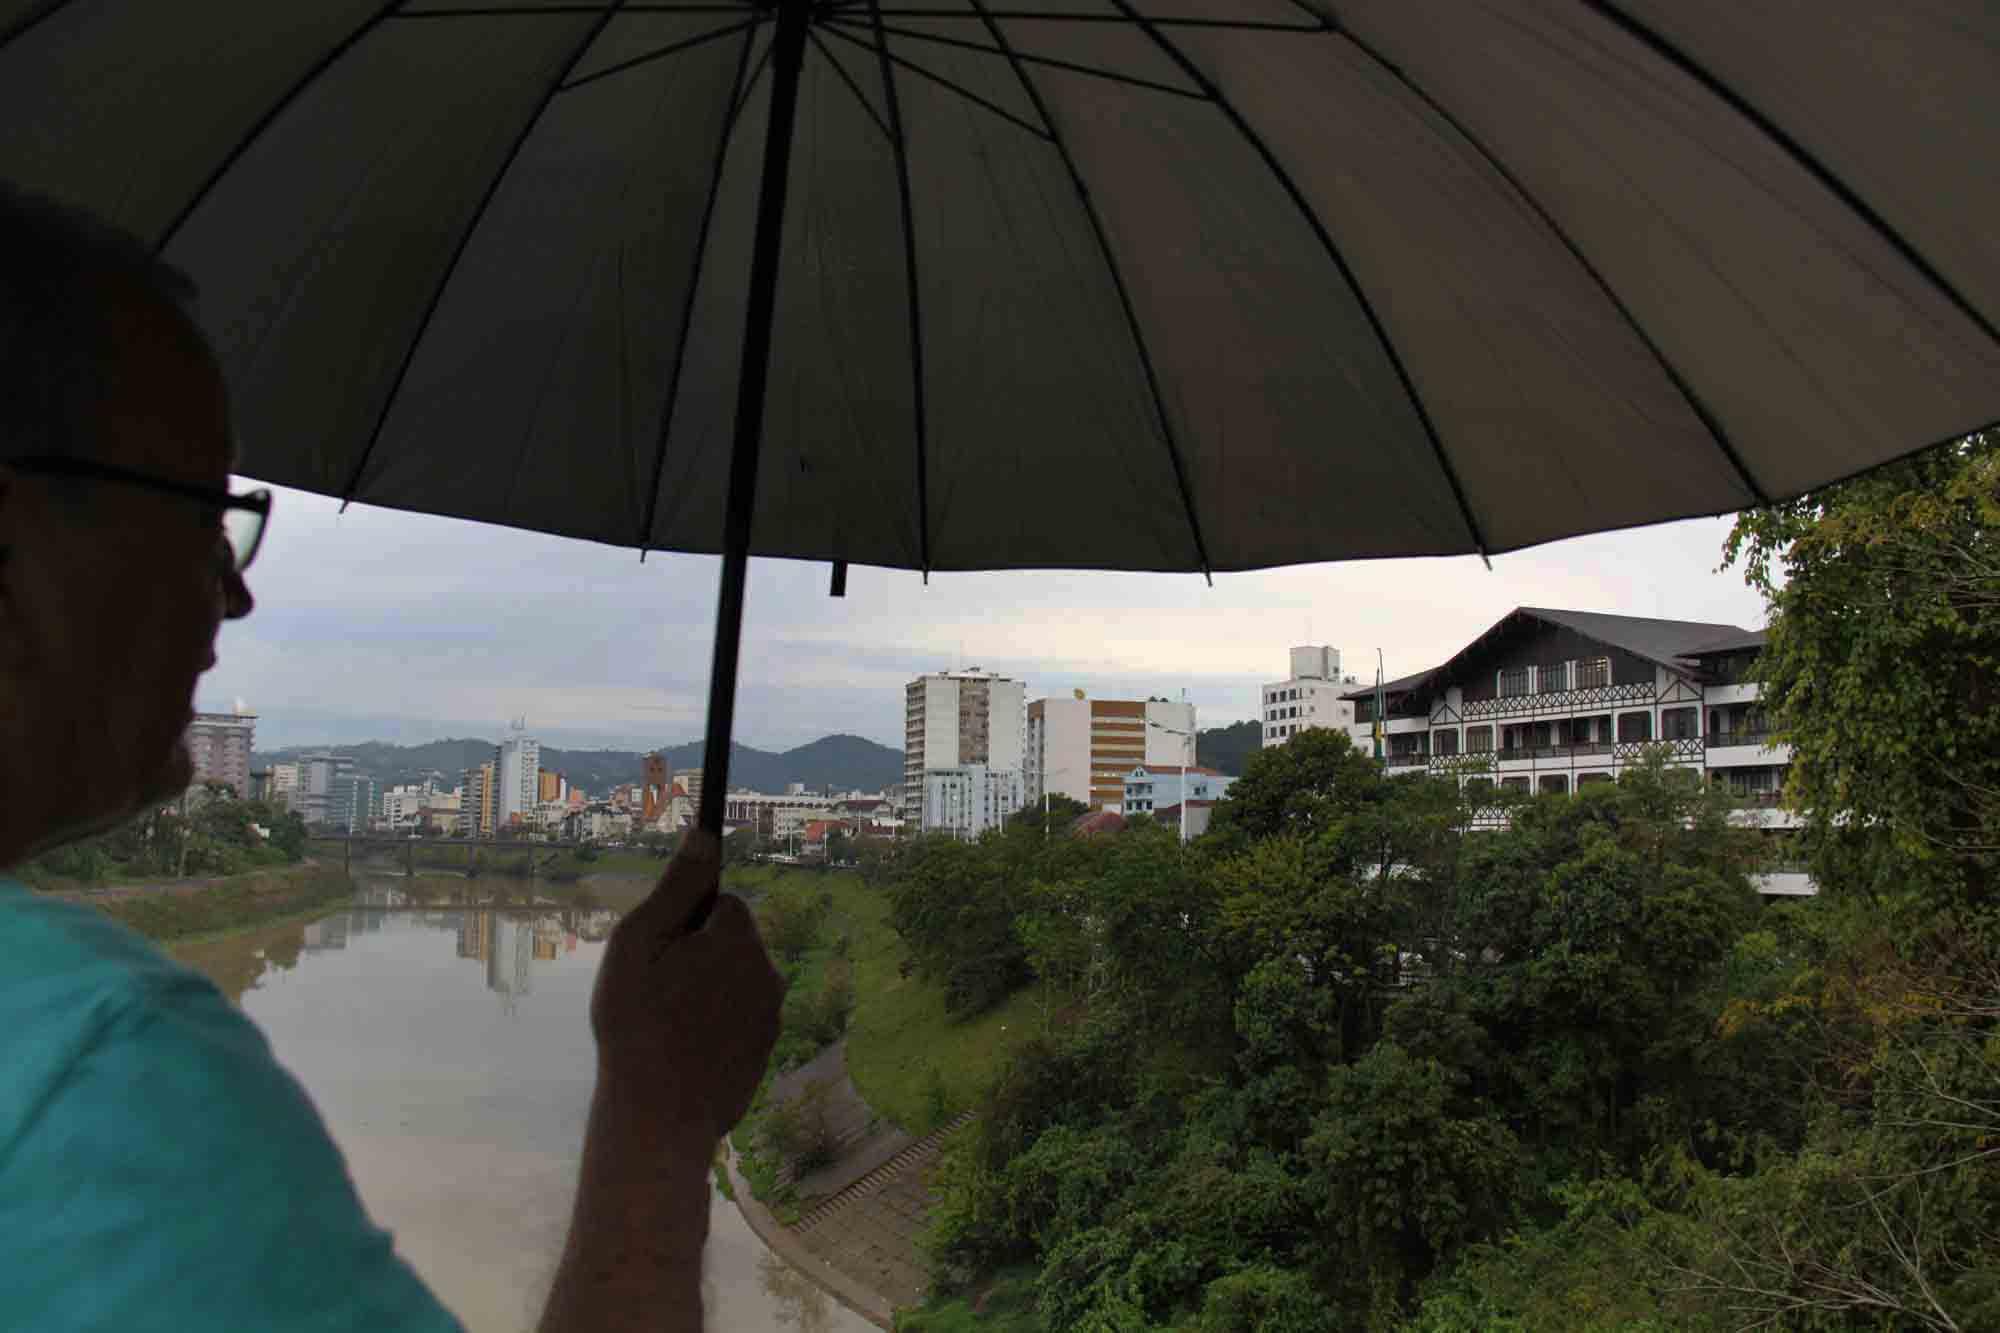 Quinta-feira tem chance de chuva em Blumenau Foto Marcelo Martins (2)